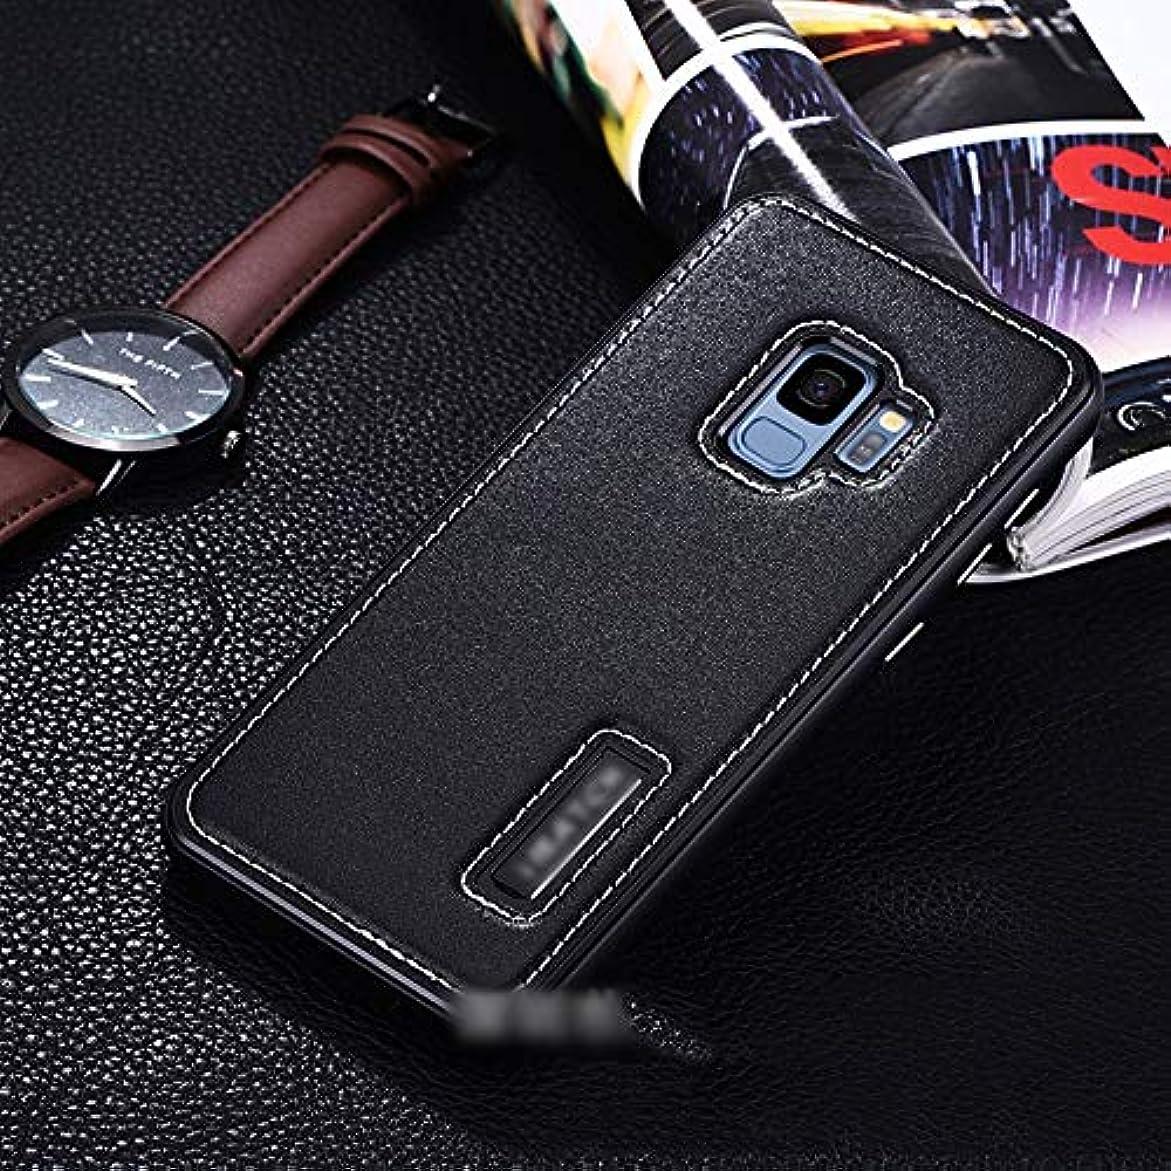 マイルド健康的航海Tonglilili 電話ケース、メタル電話カバーサムスンS9プラス、S9、注9、S8プラス、S8、注8の新しい高級レザーケース電話ケース (Color : 黒, Edition : S8)